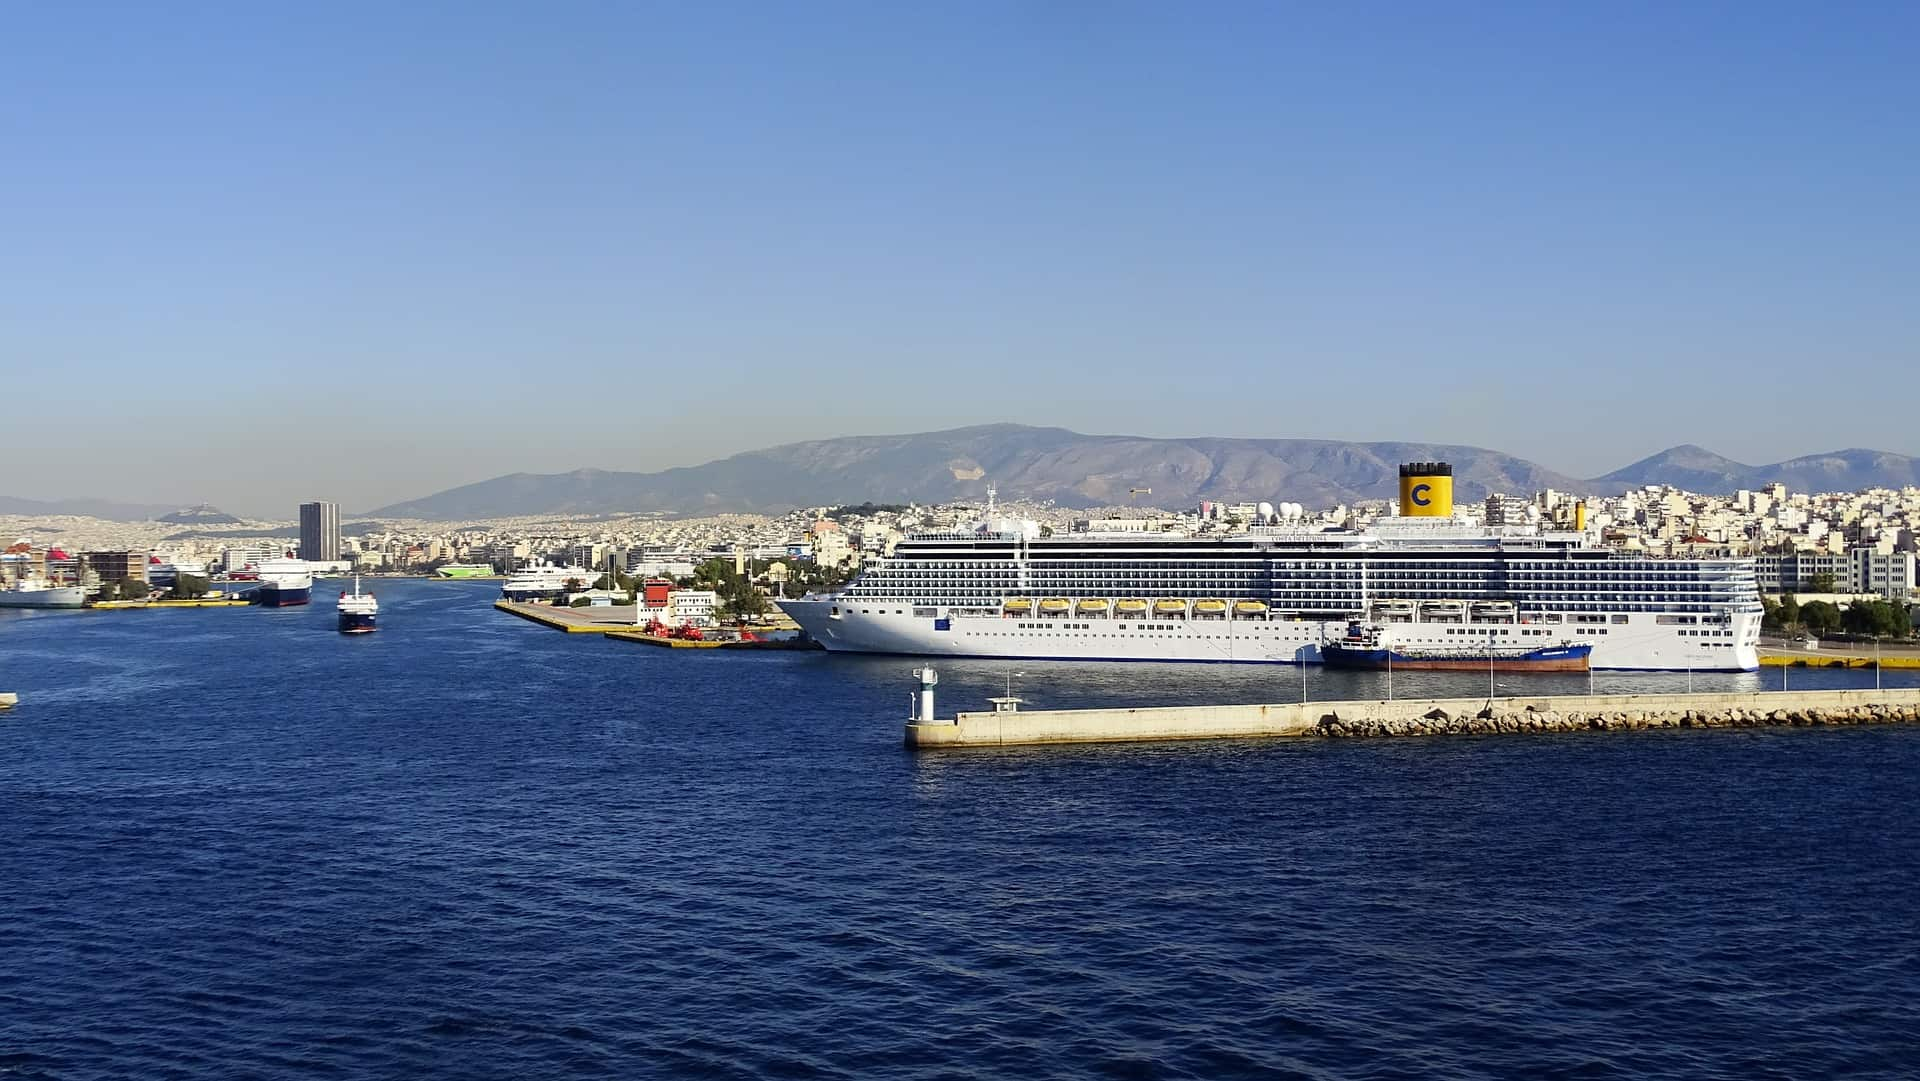 Piraeus Griechenland - Städtetrip nach Athen ab 279,07 5 Sterne